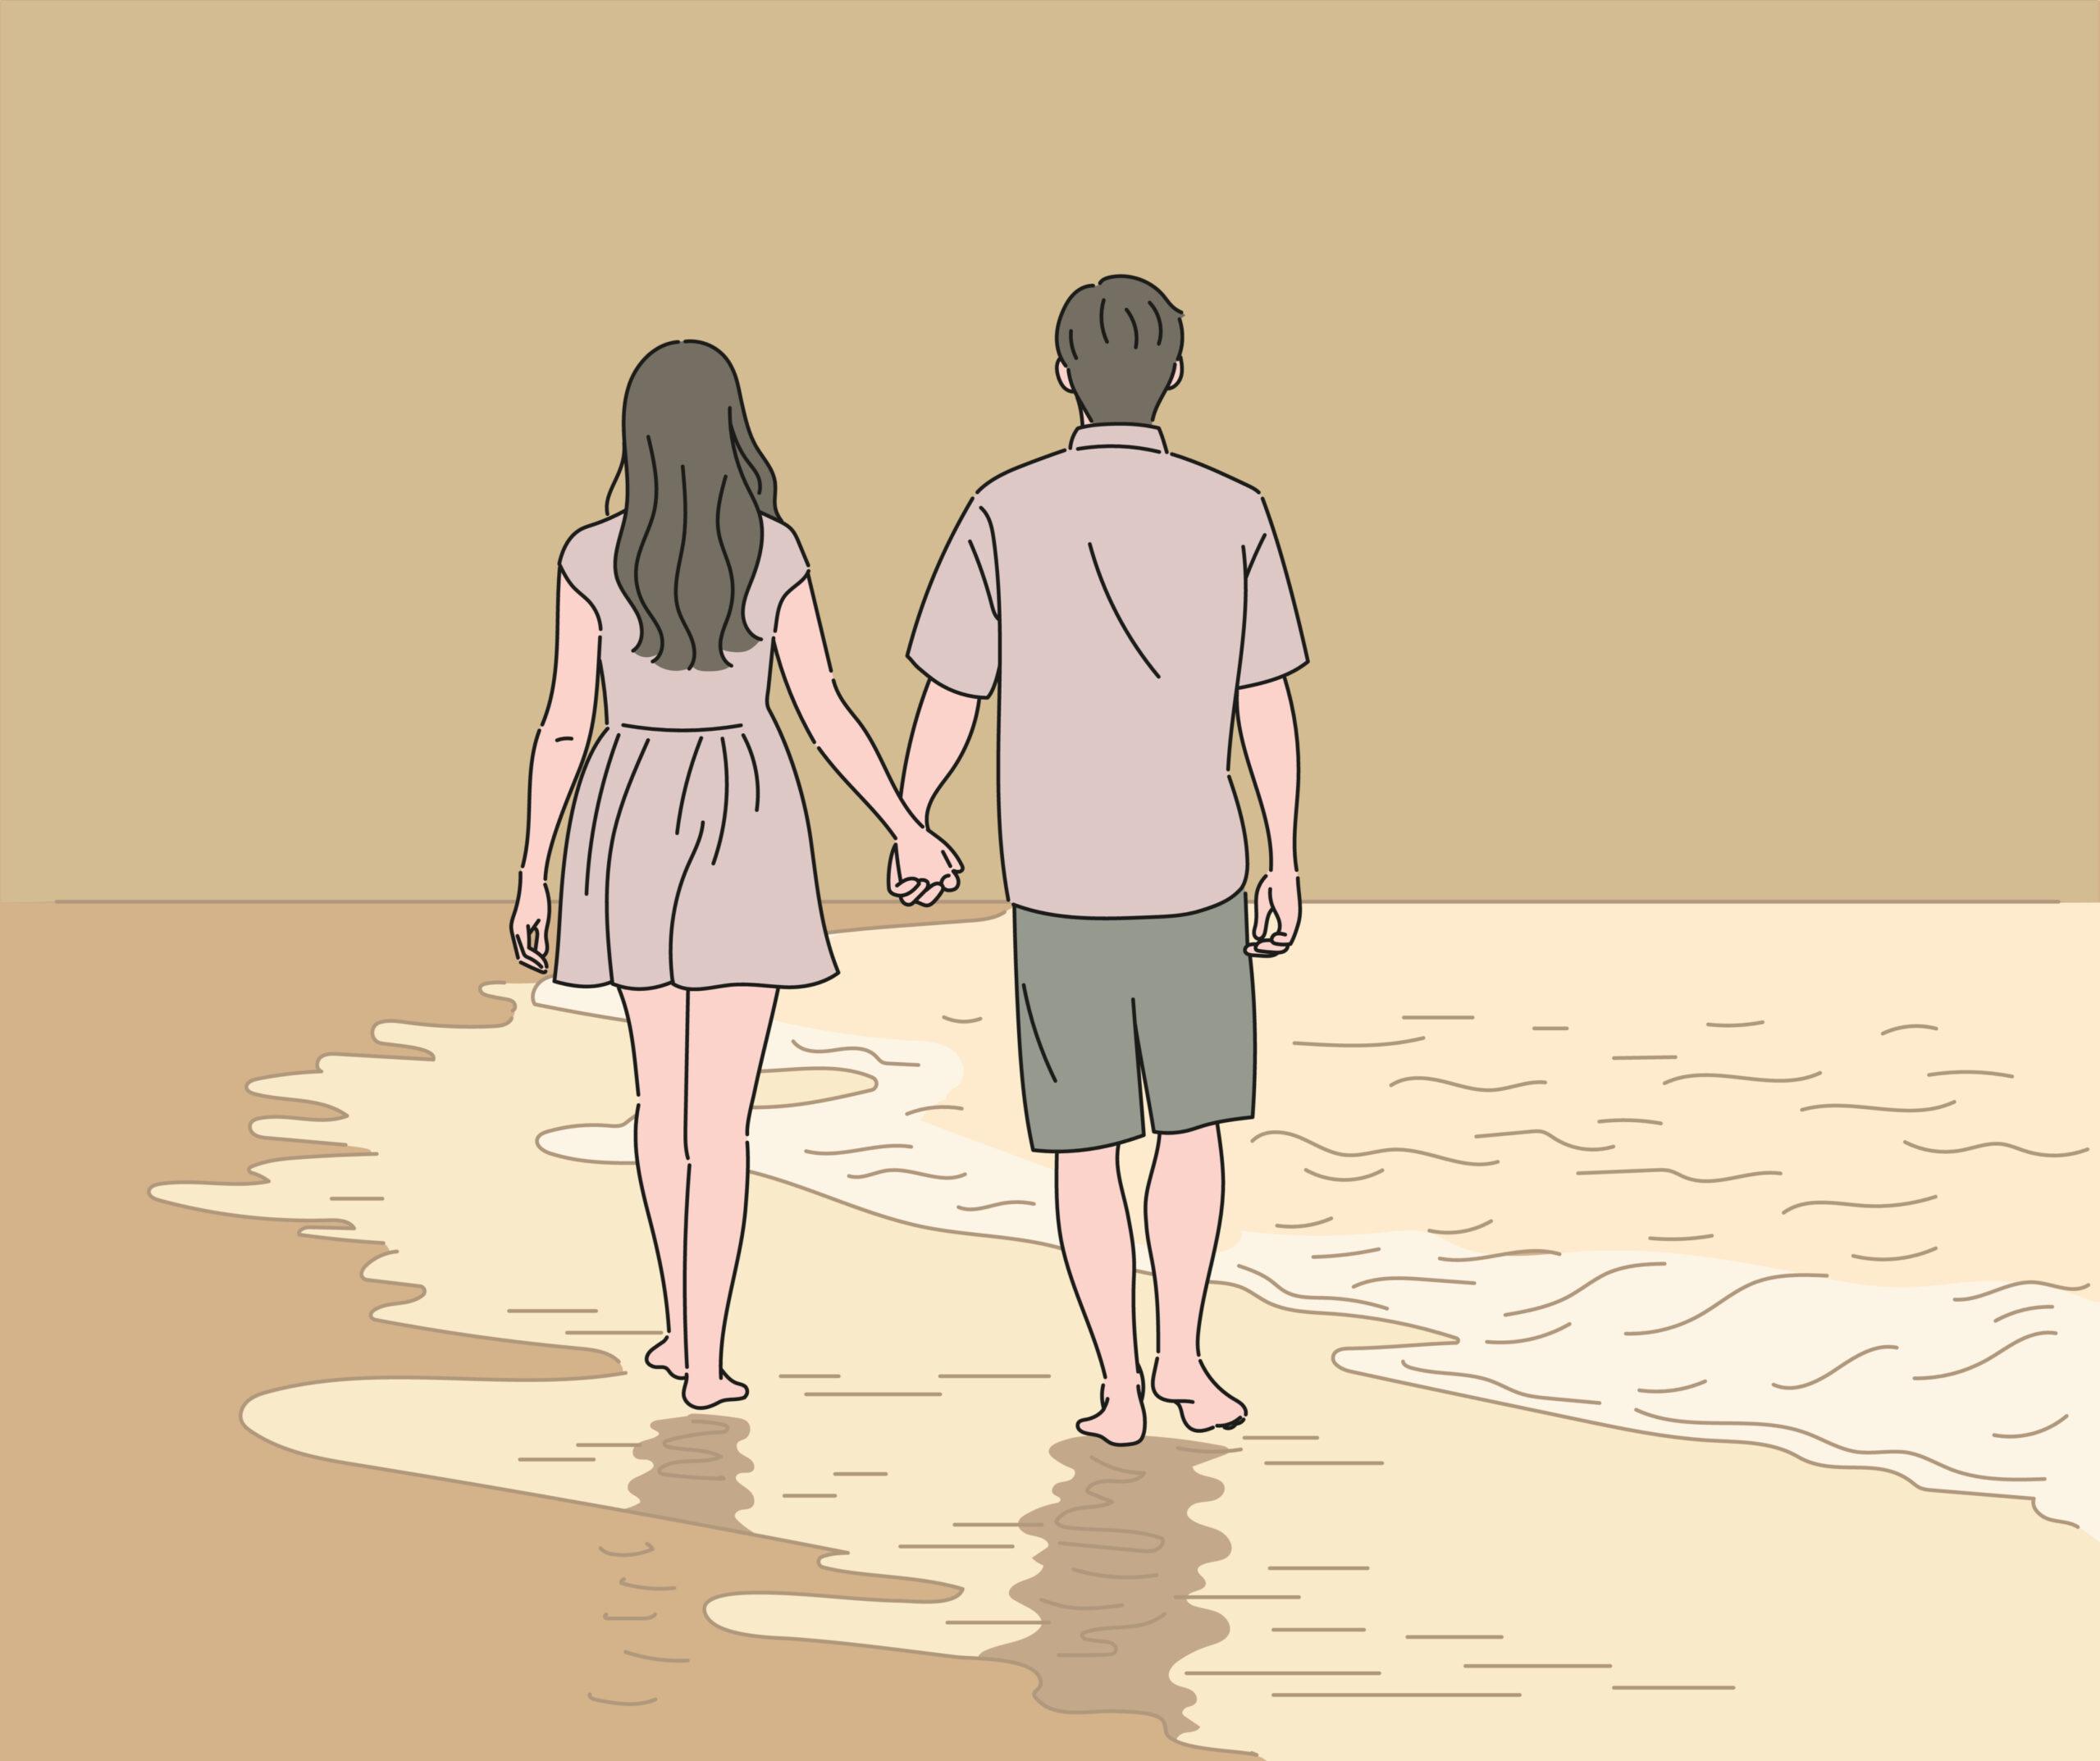 お互いを知ることで、絆も深まりそう